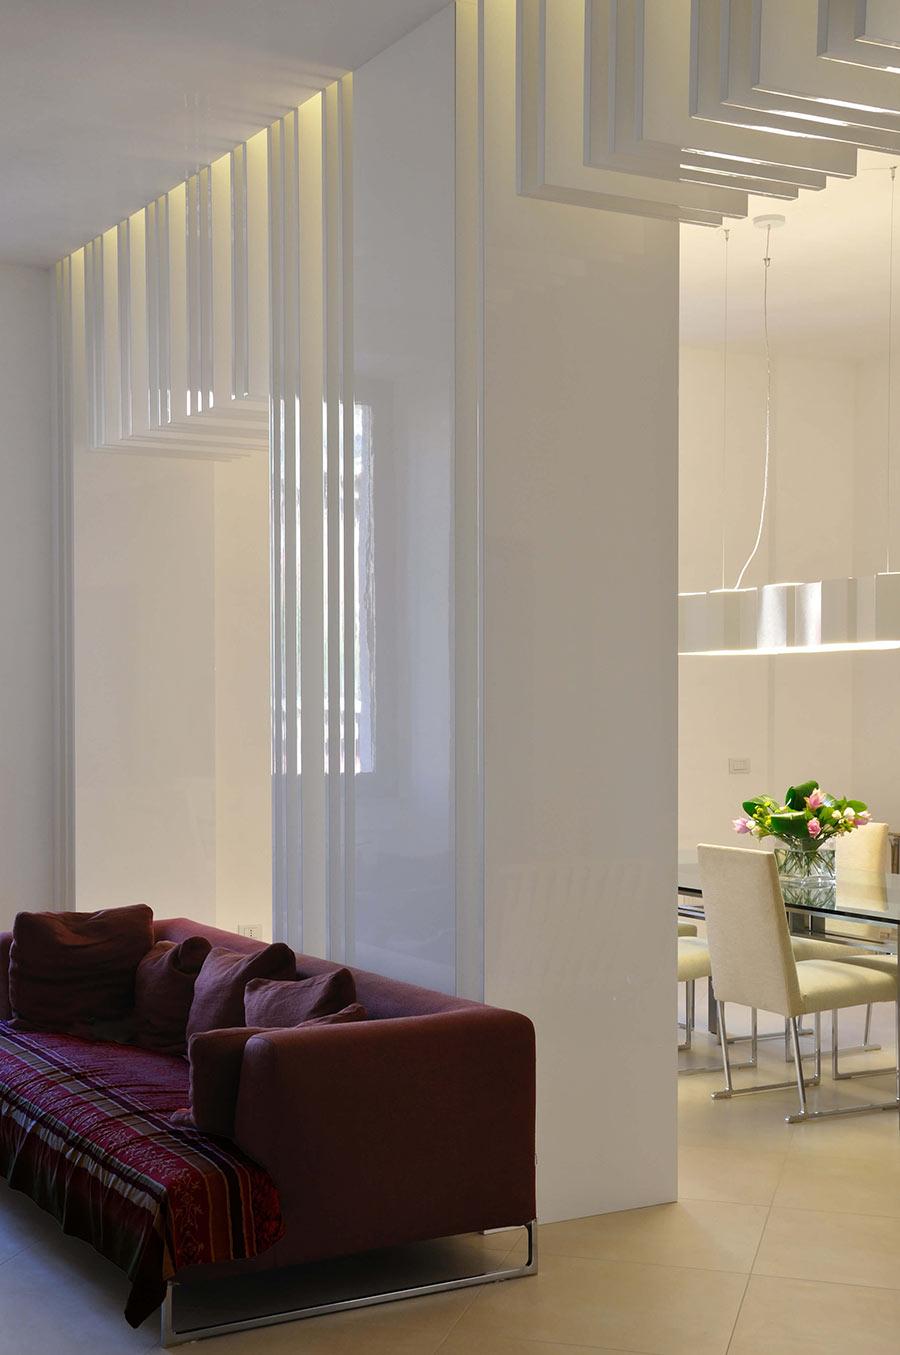 residenza-privata-bari-2010-esseelle-3